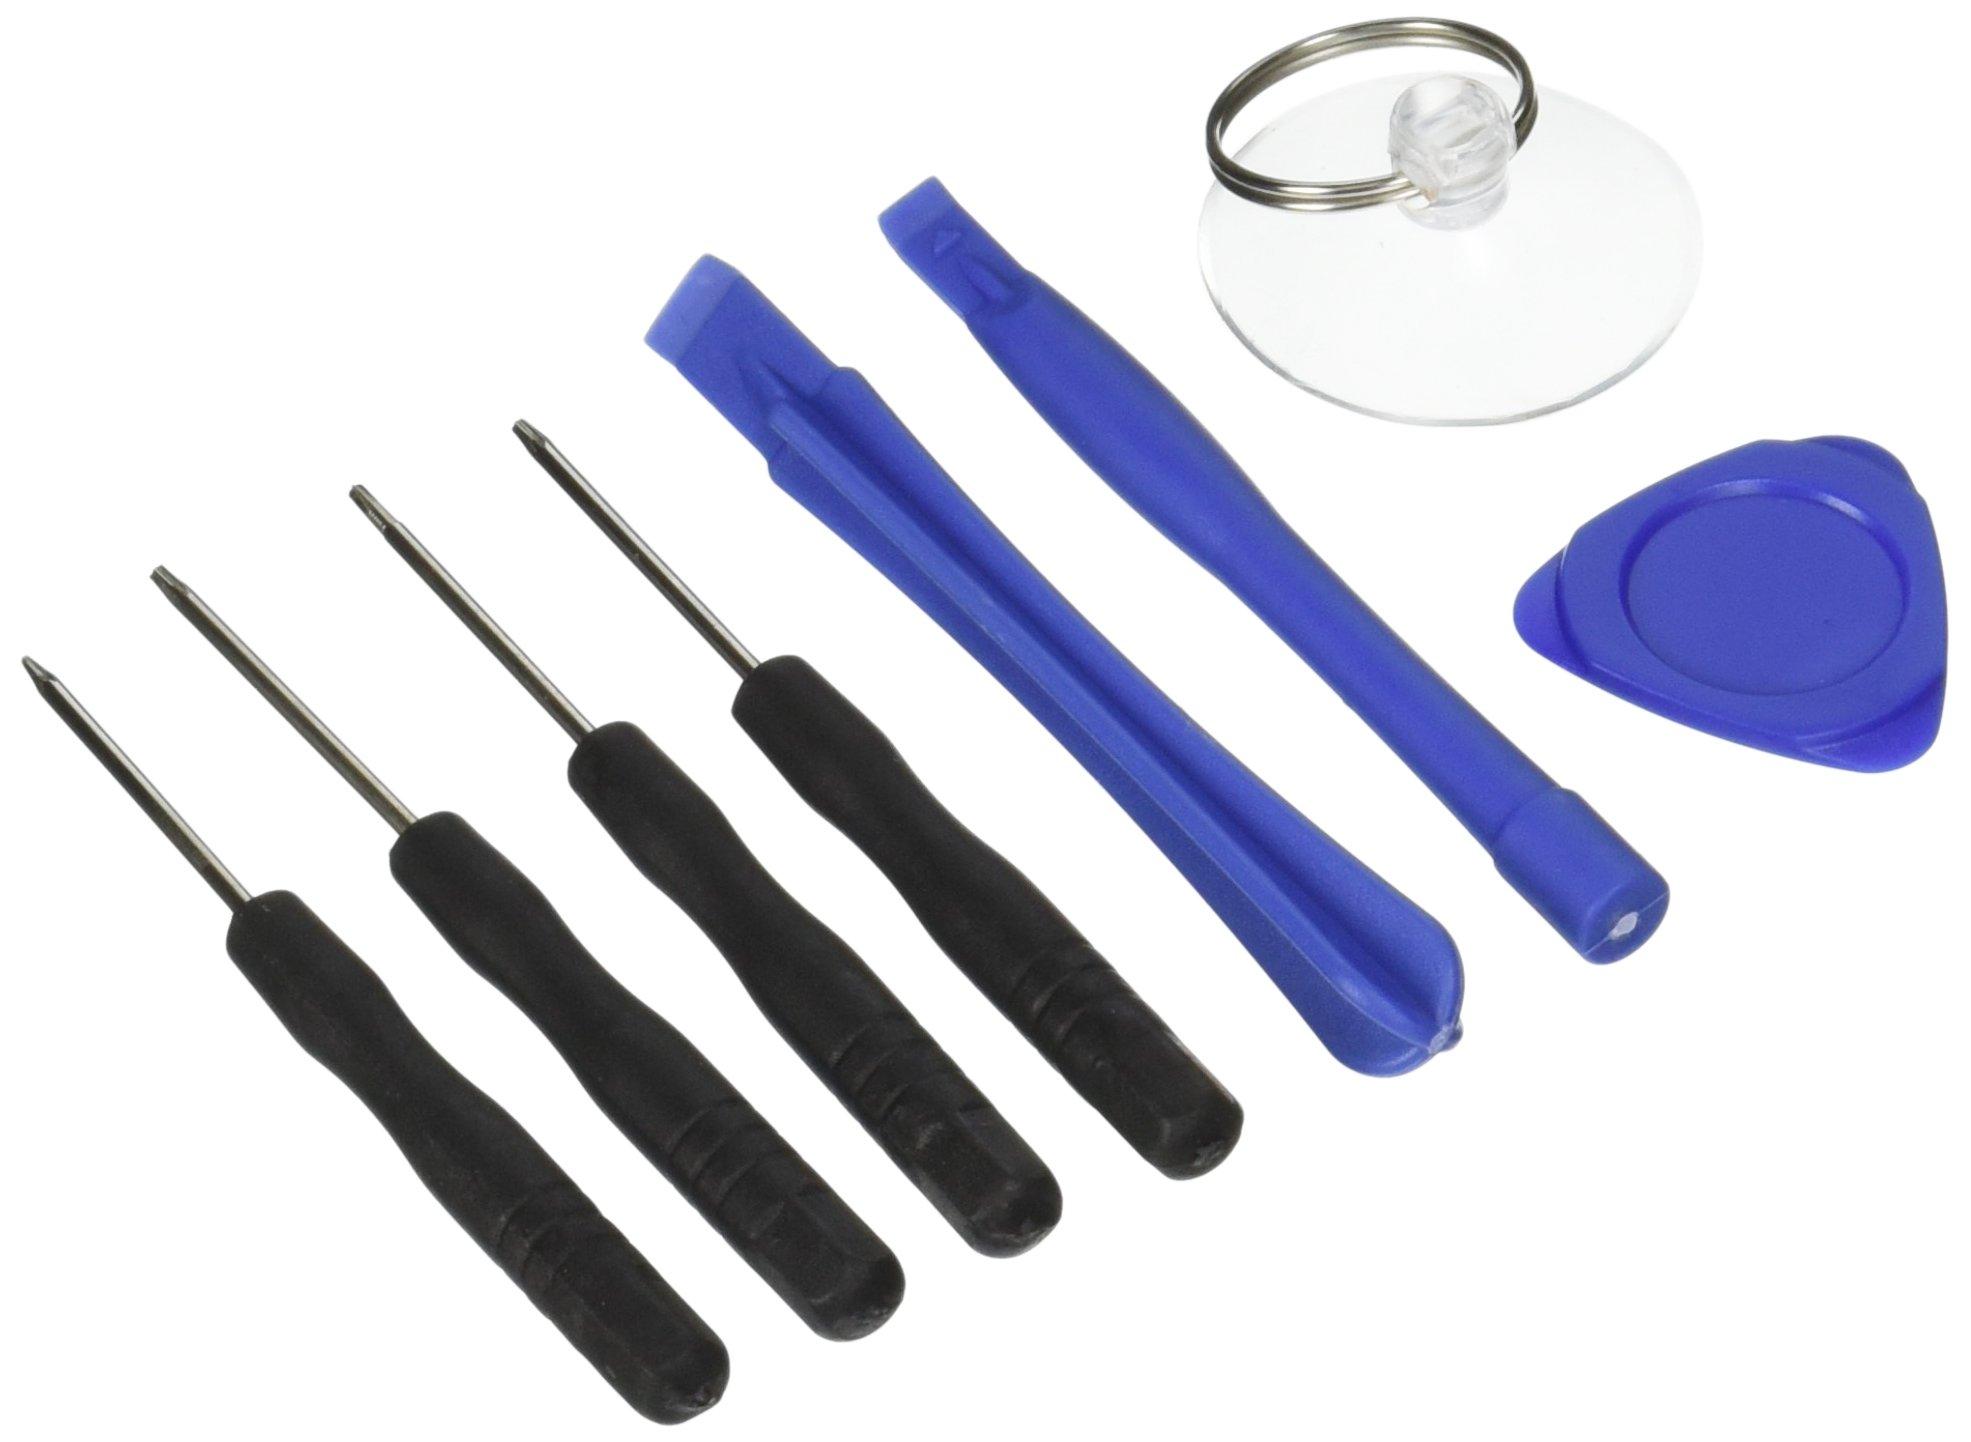 DTOL Cross Opener Screwdriver Tool Kit, 8-Piece